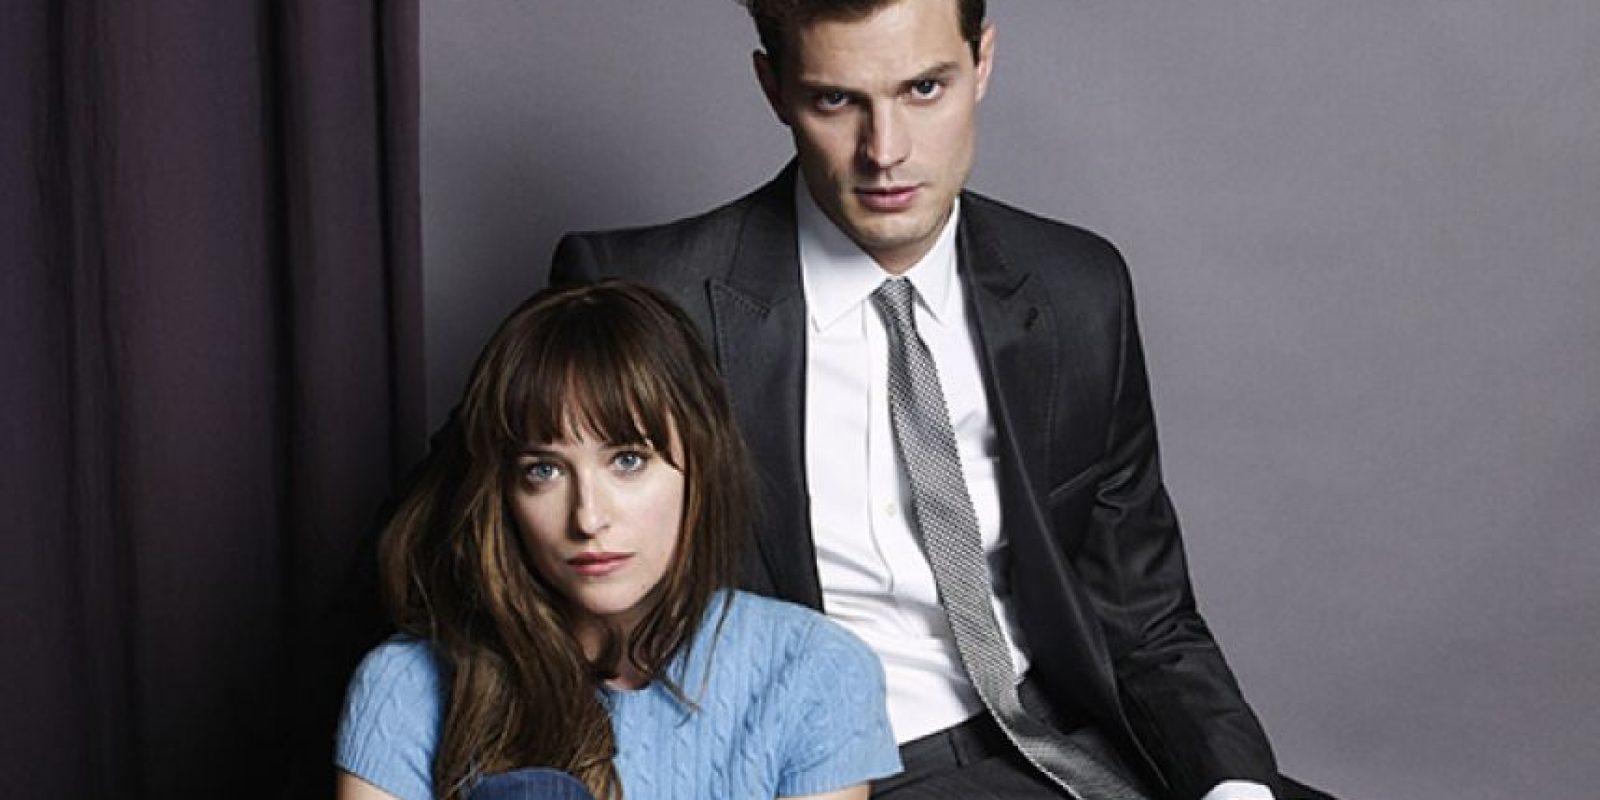 El nuevo trailer de una de las películas más esperadas del año guarda su tono erótico para su estreno.